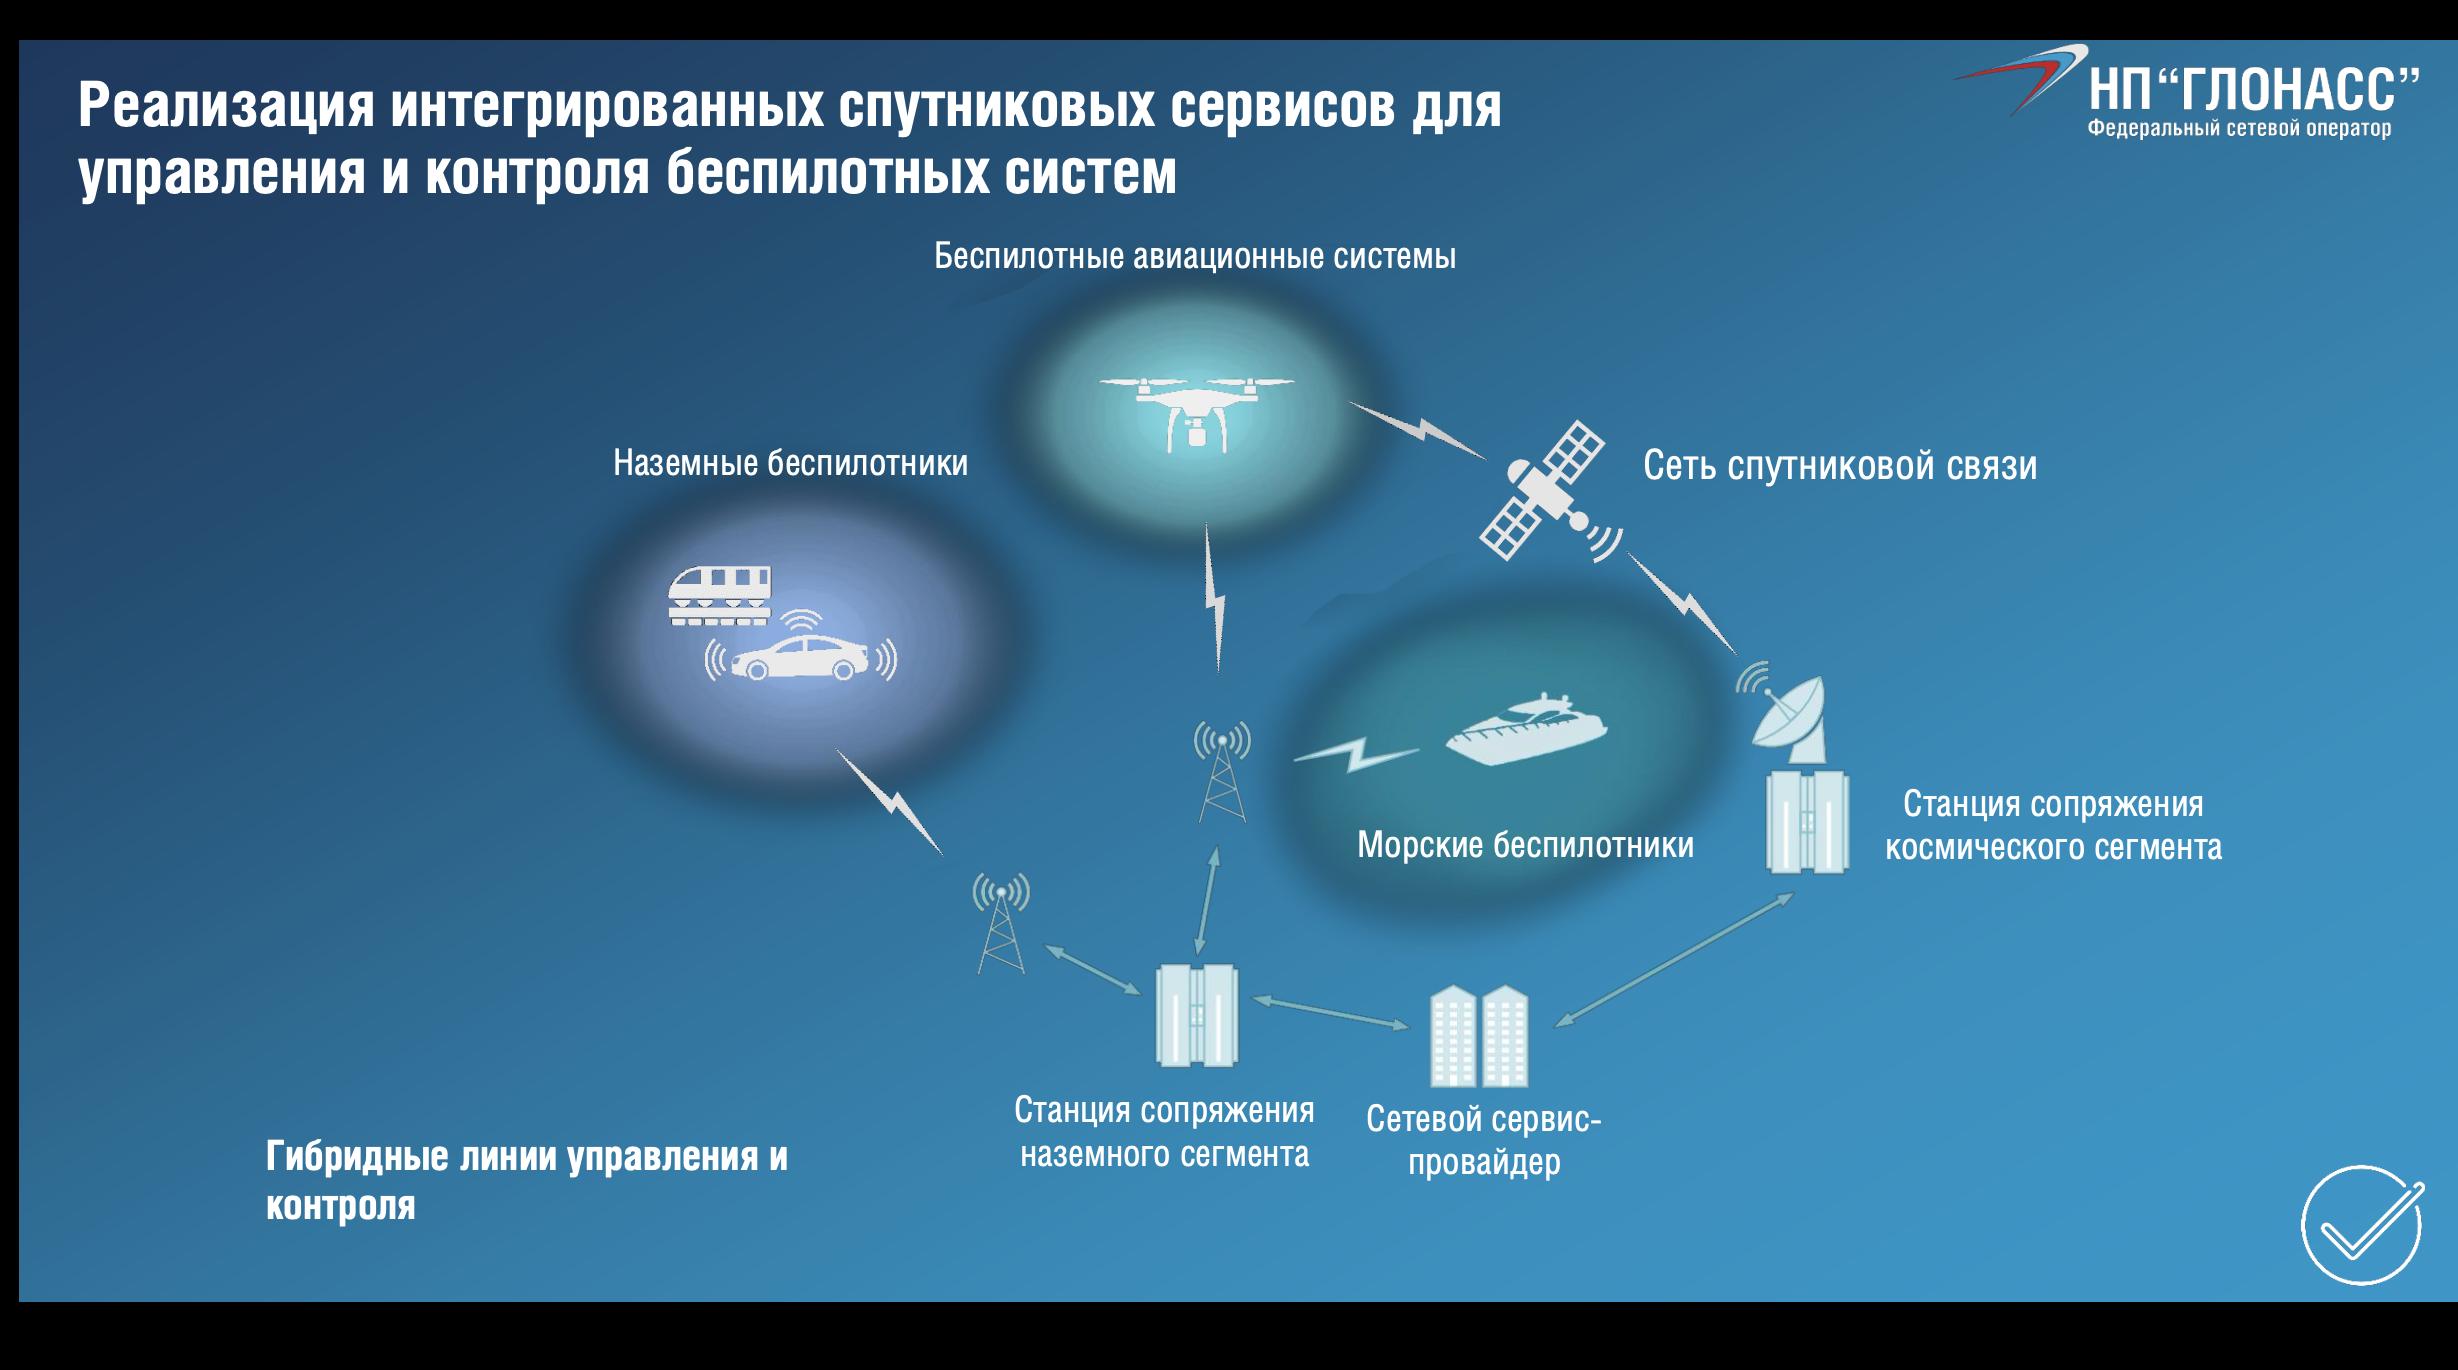 Как выглядит схема обмена данными для управления беспилотниками